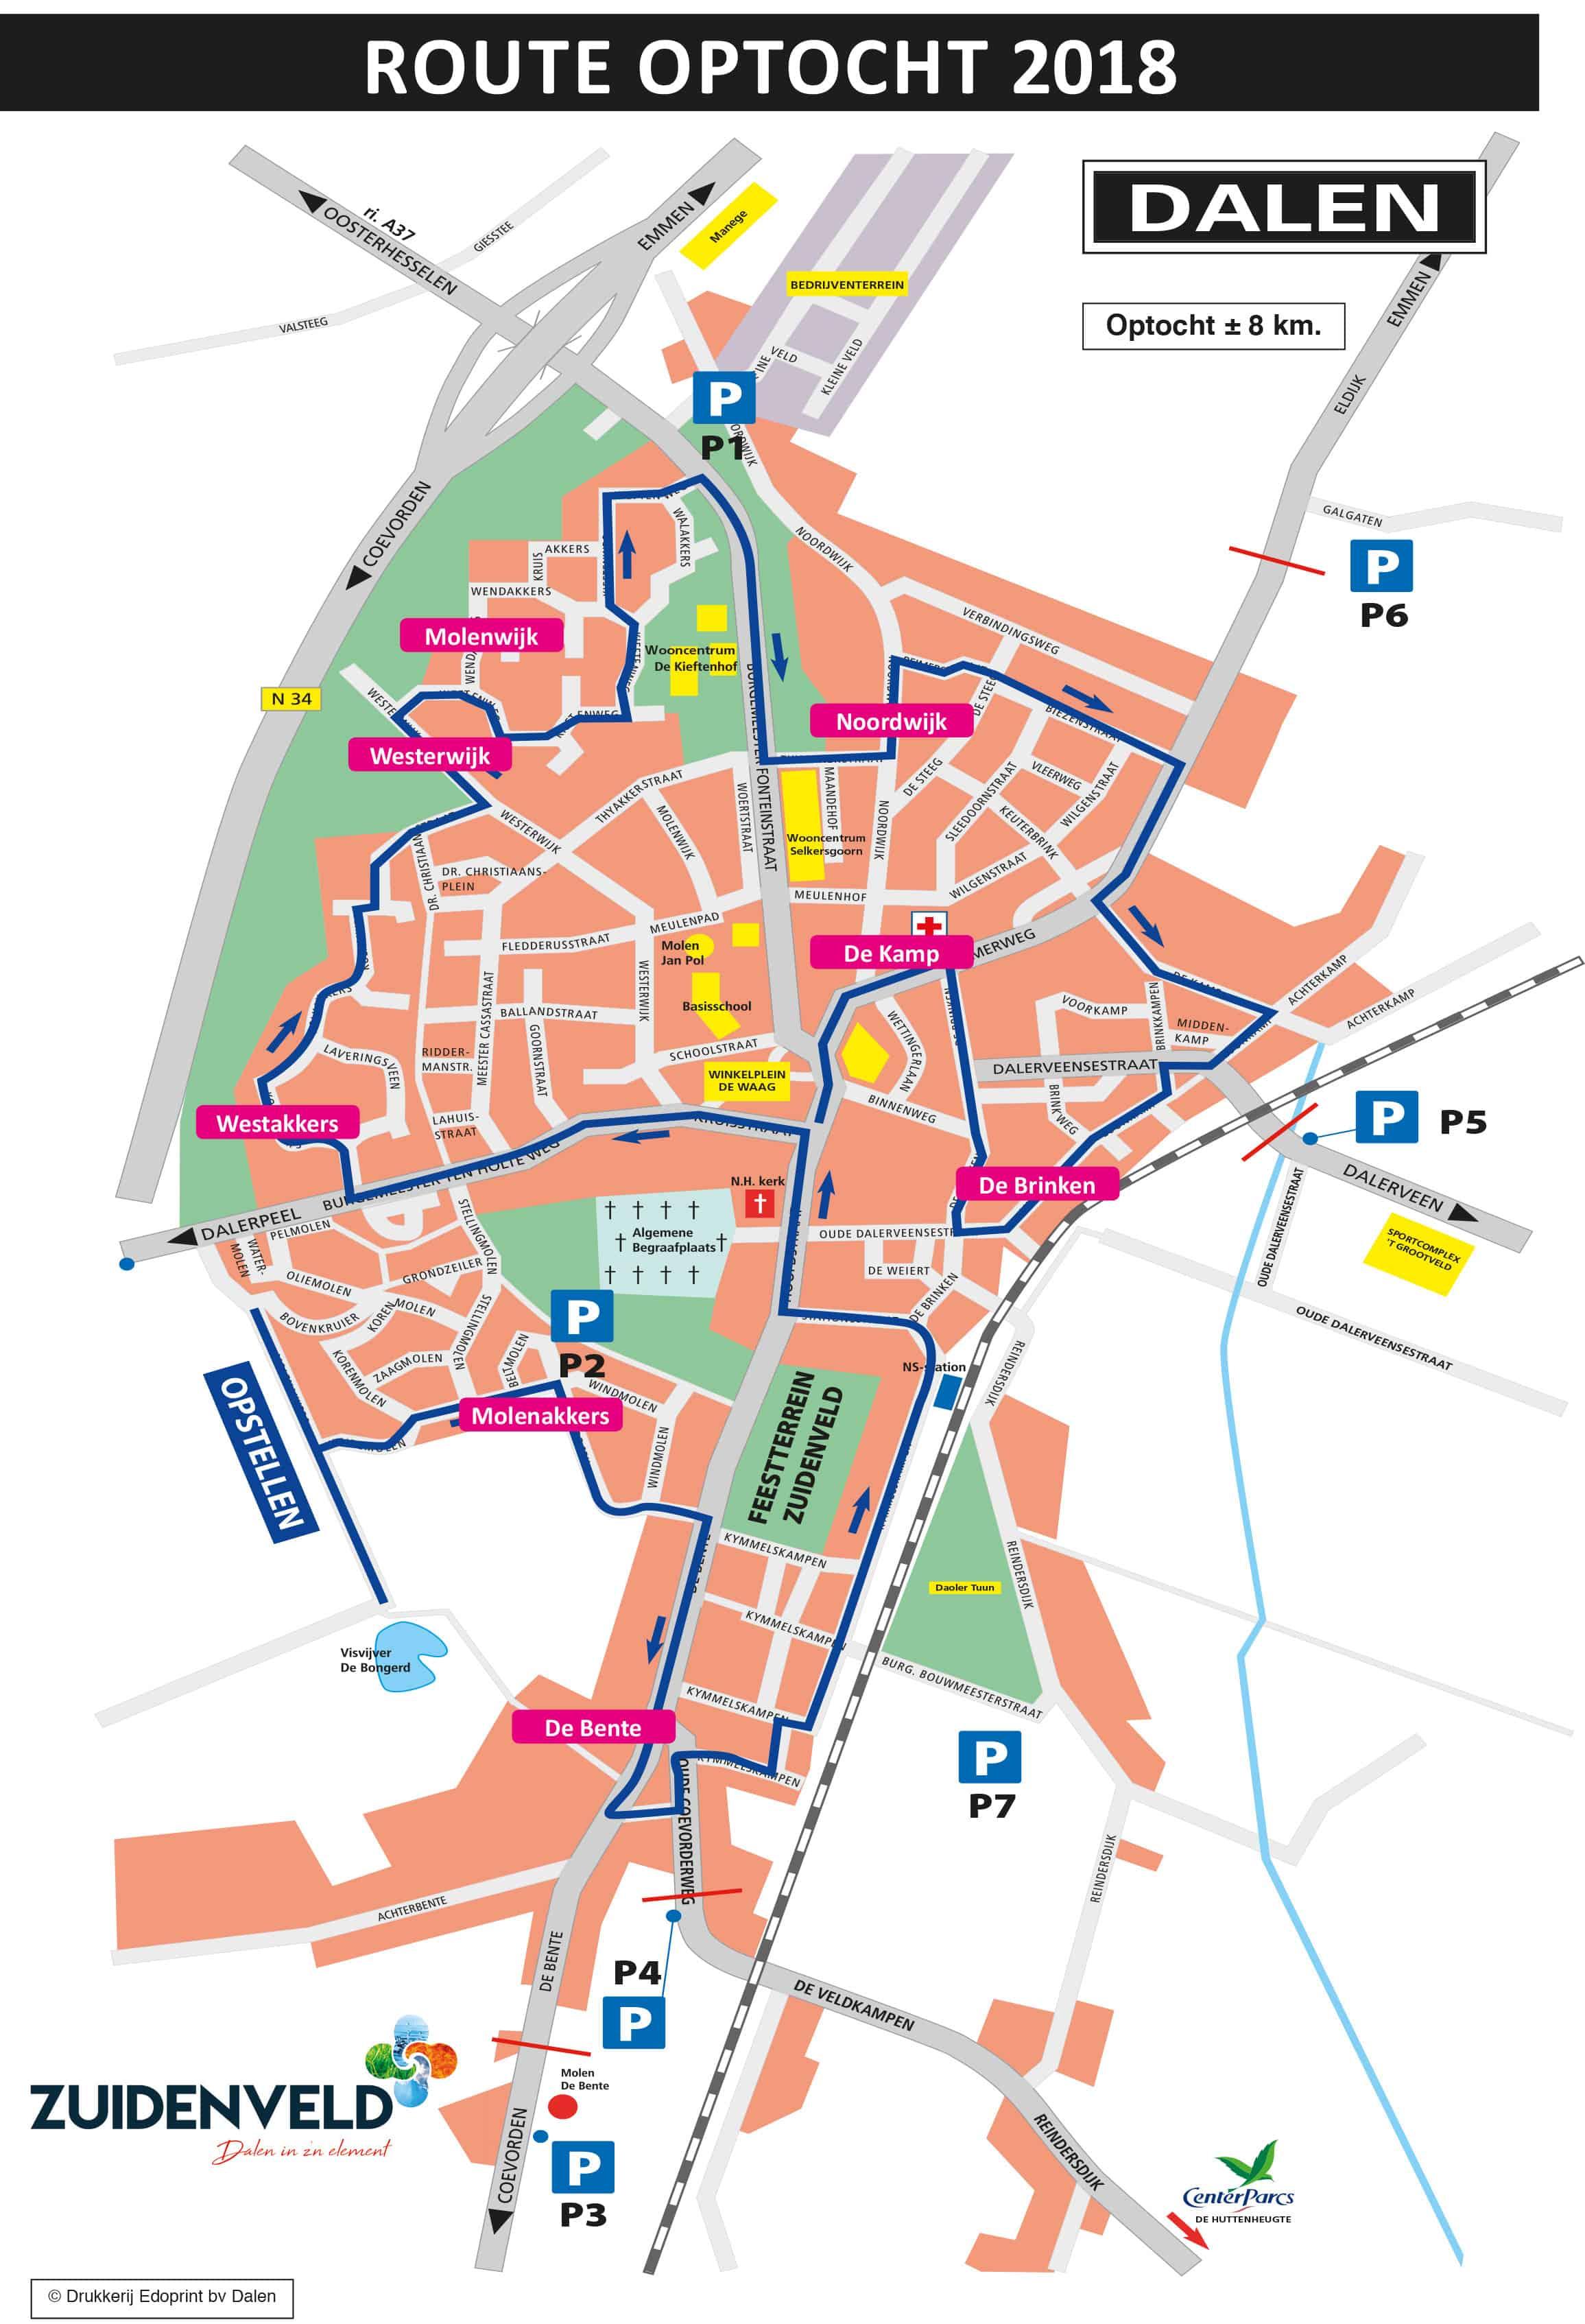 Route optocht Zuidenveld Dalen 2018